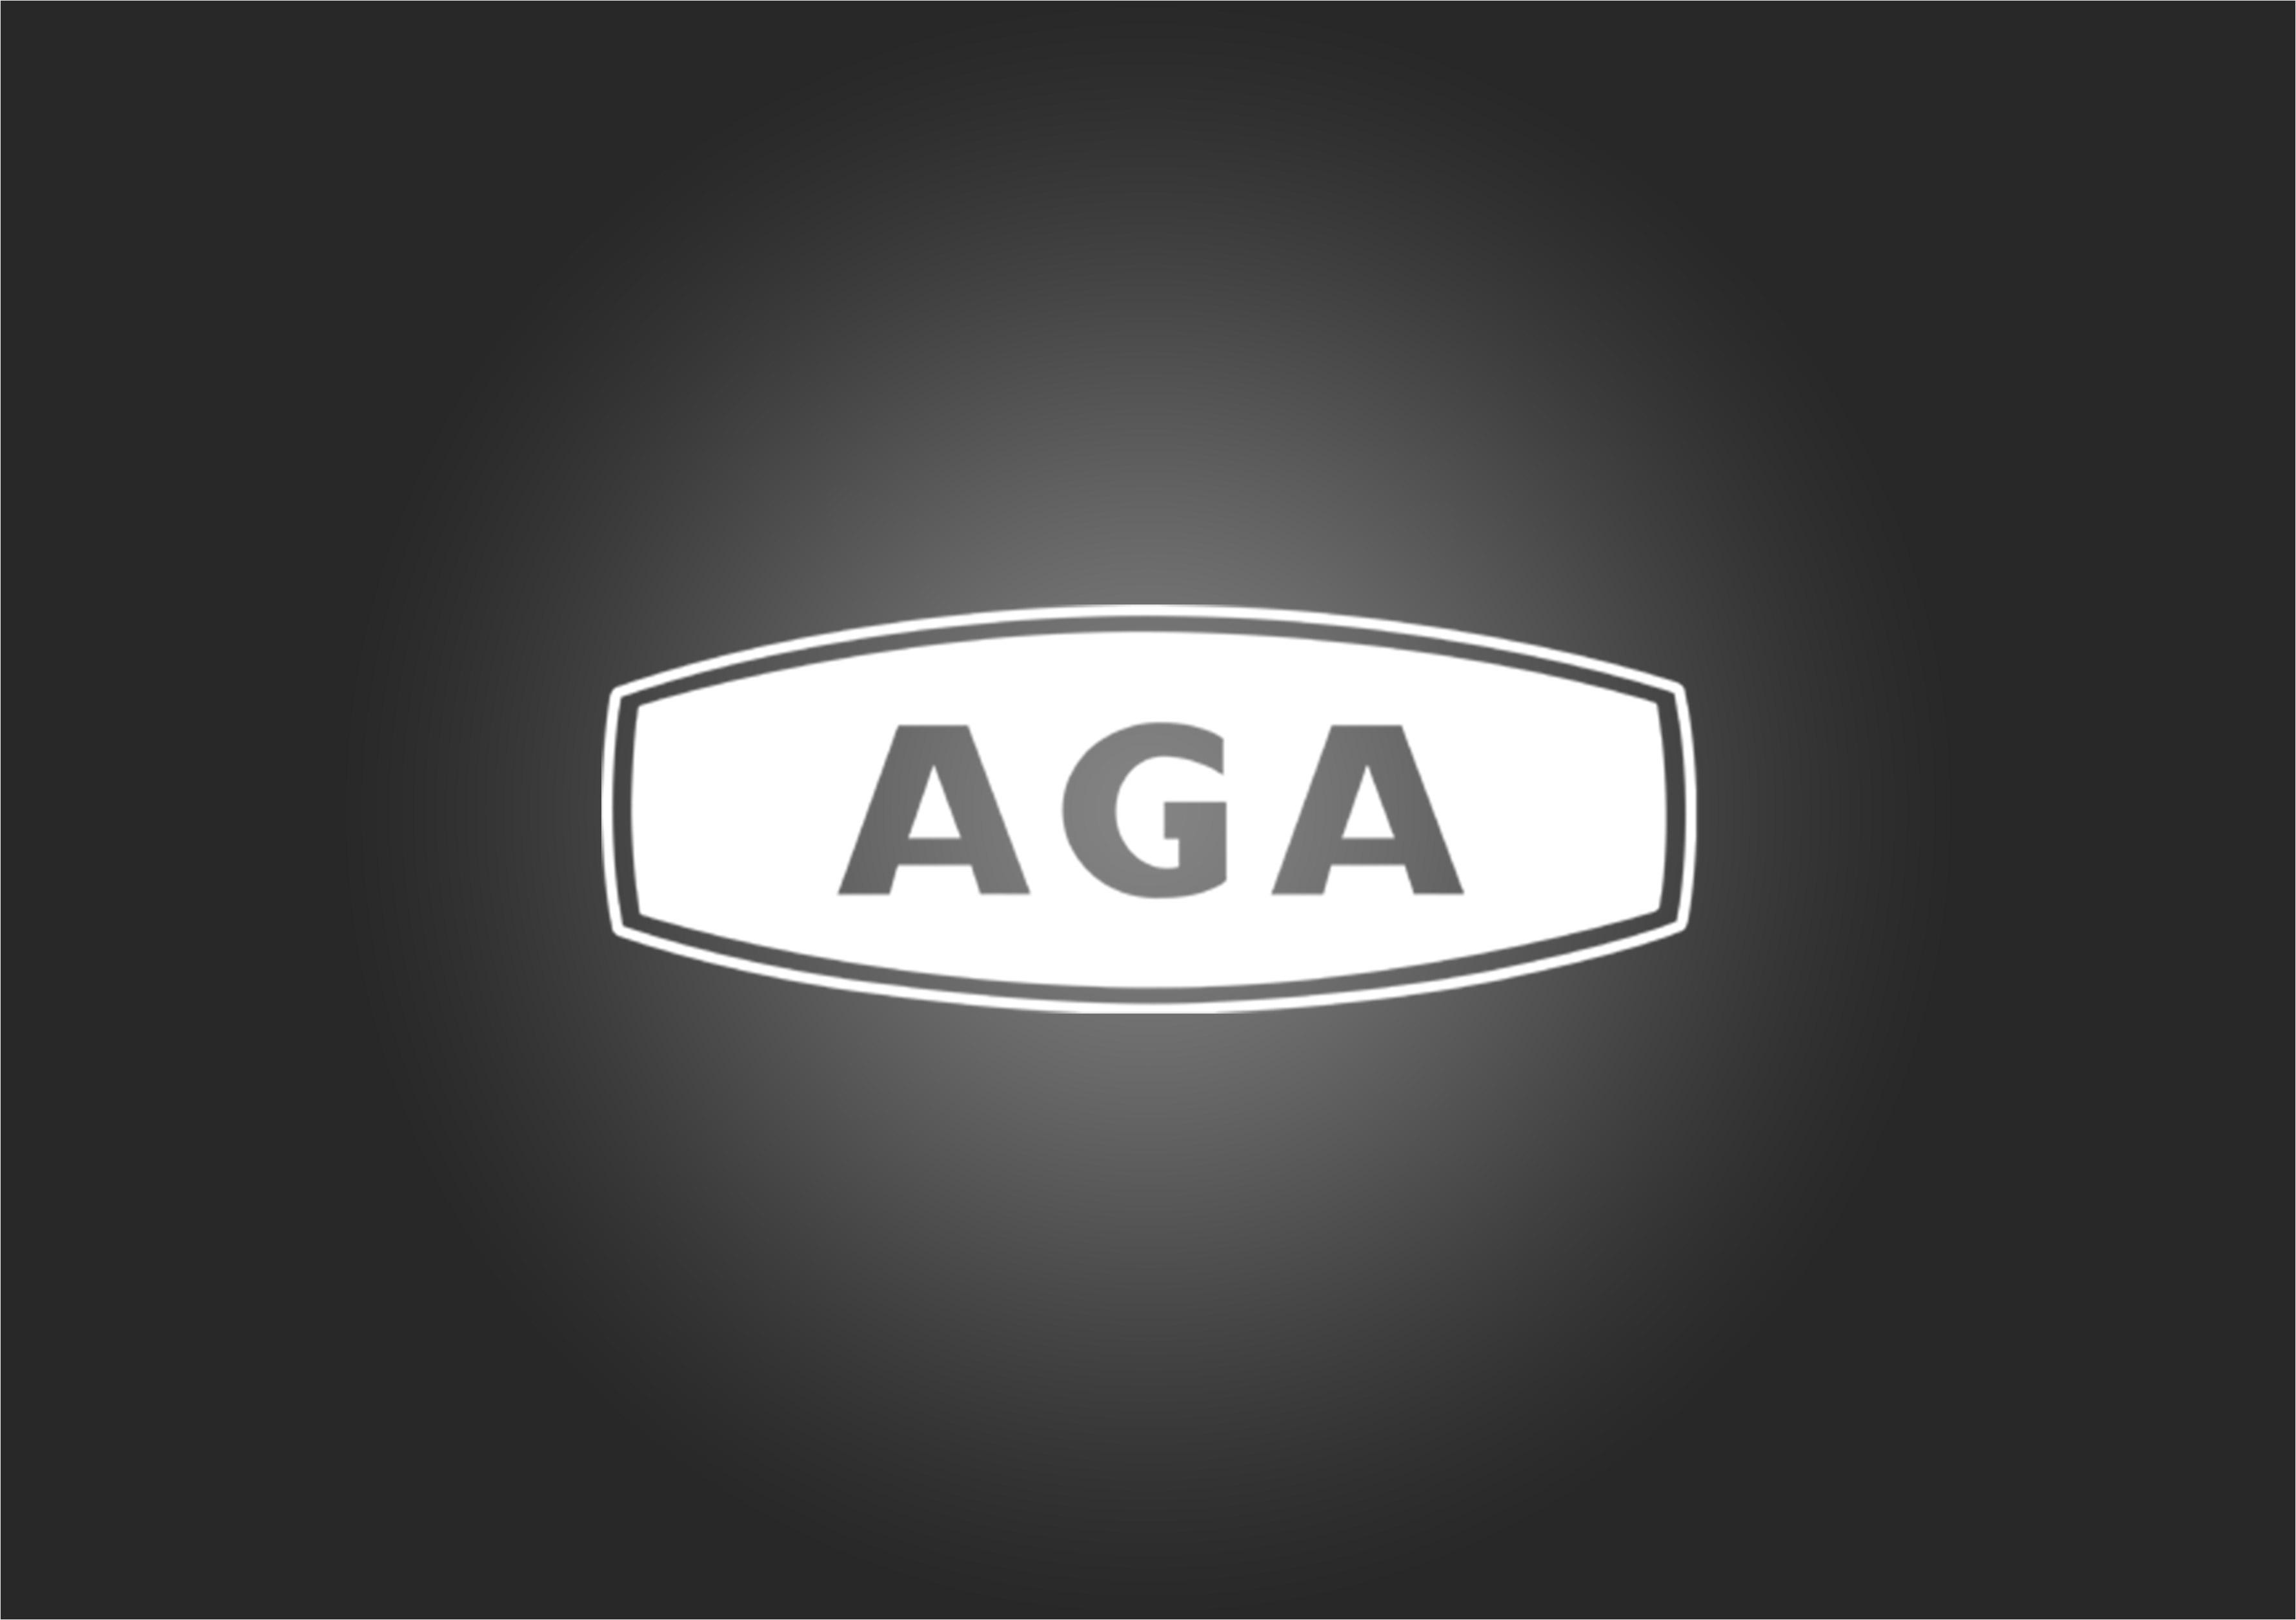 AGA's milieubewuste manier van koken